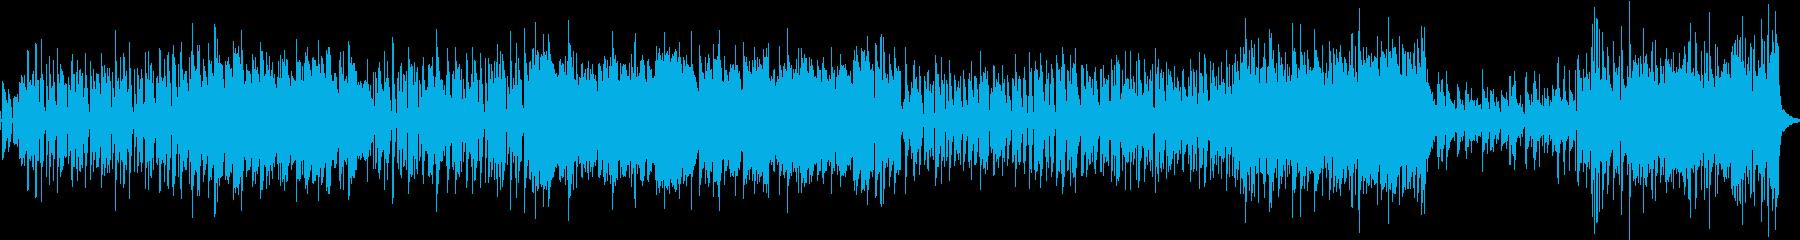 ロックバンド風 盛り上がる曲の再生済みの波形